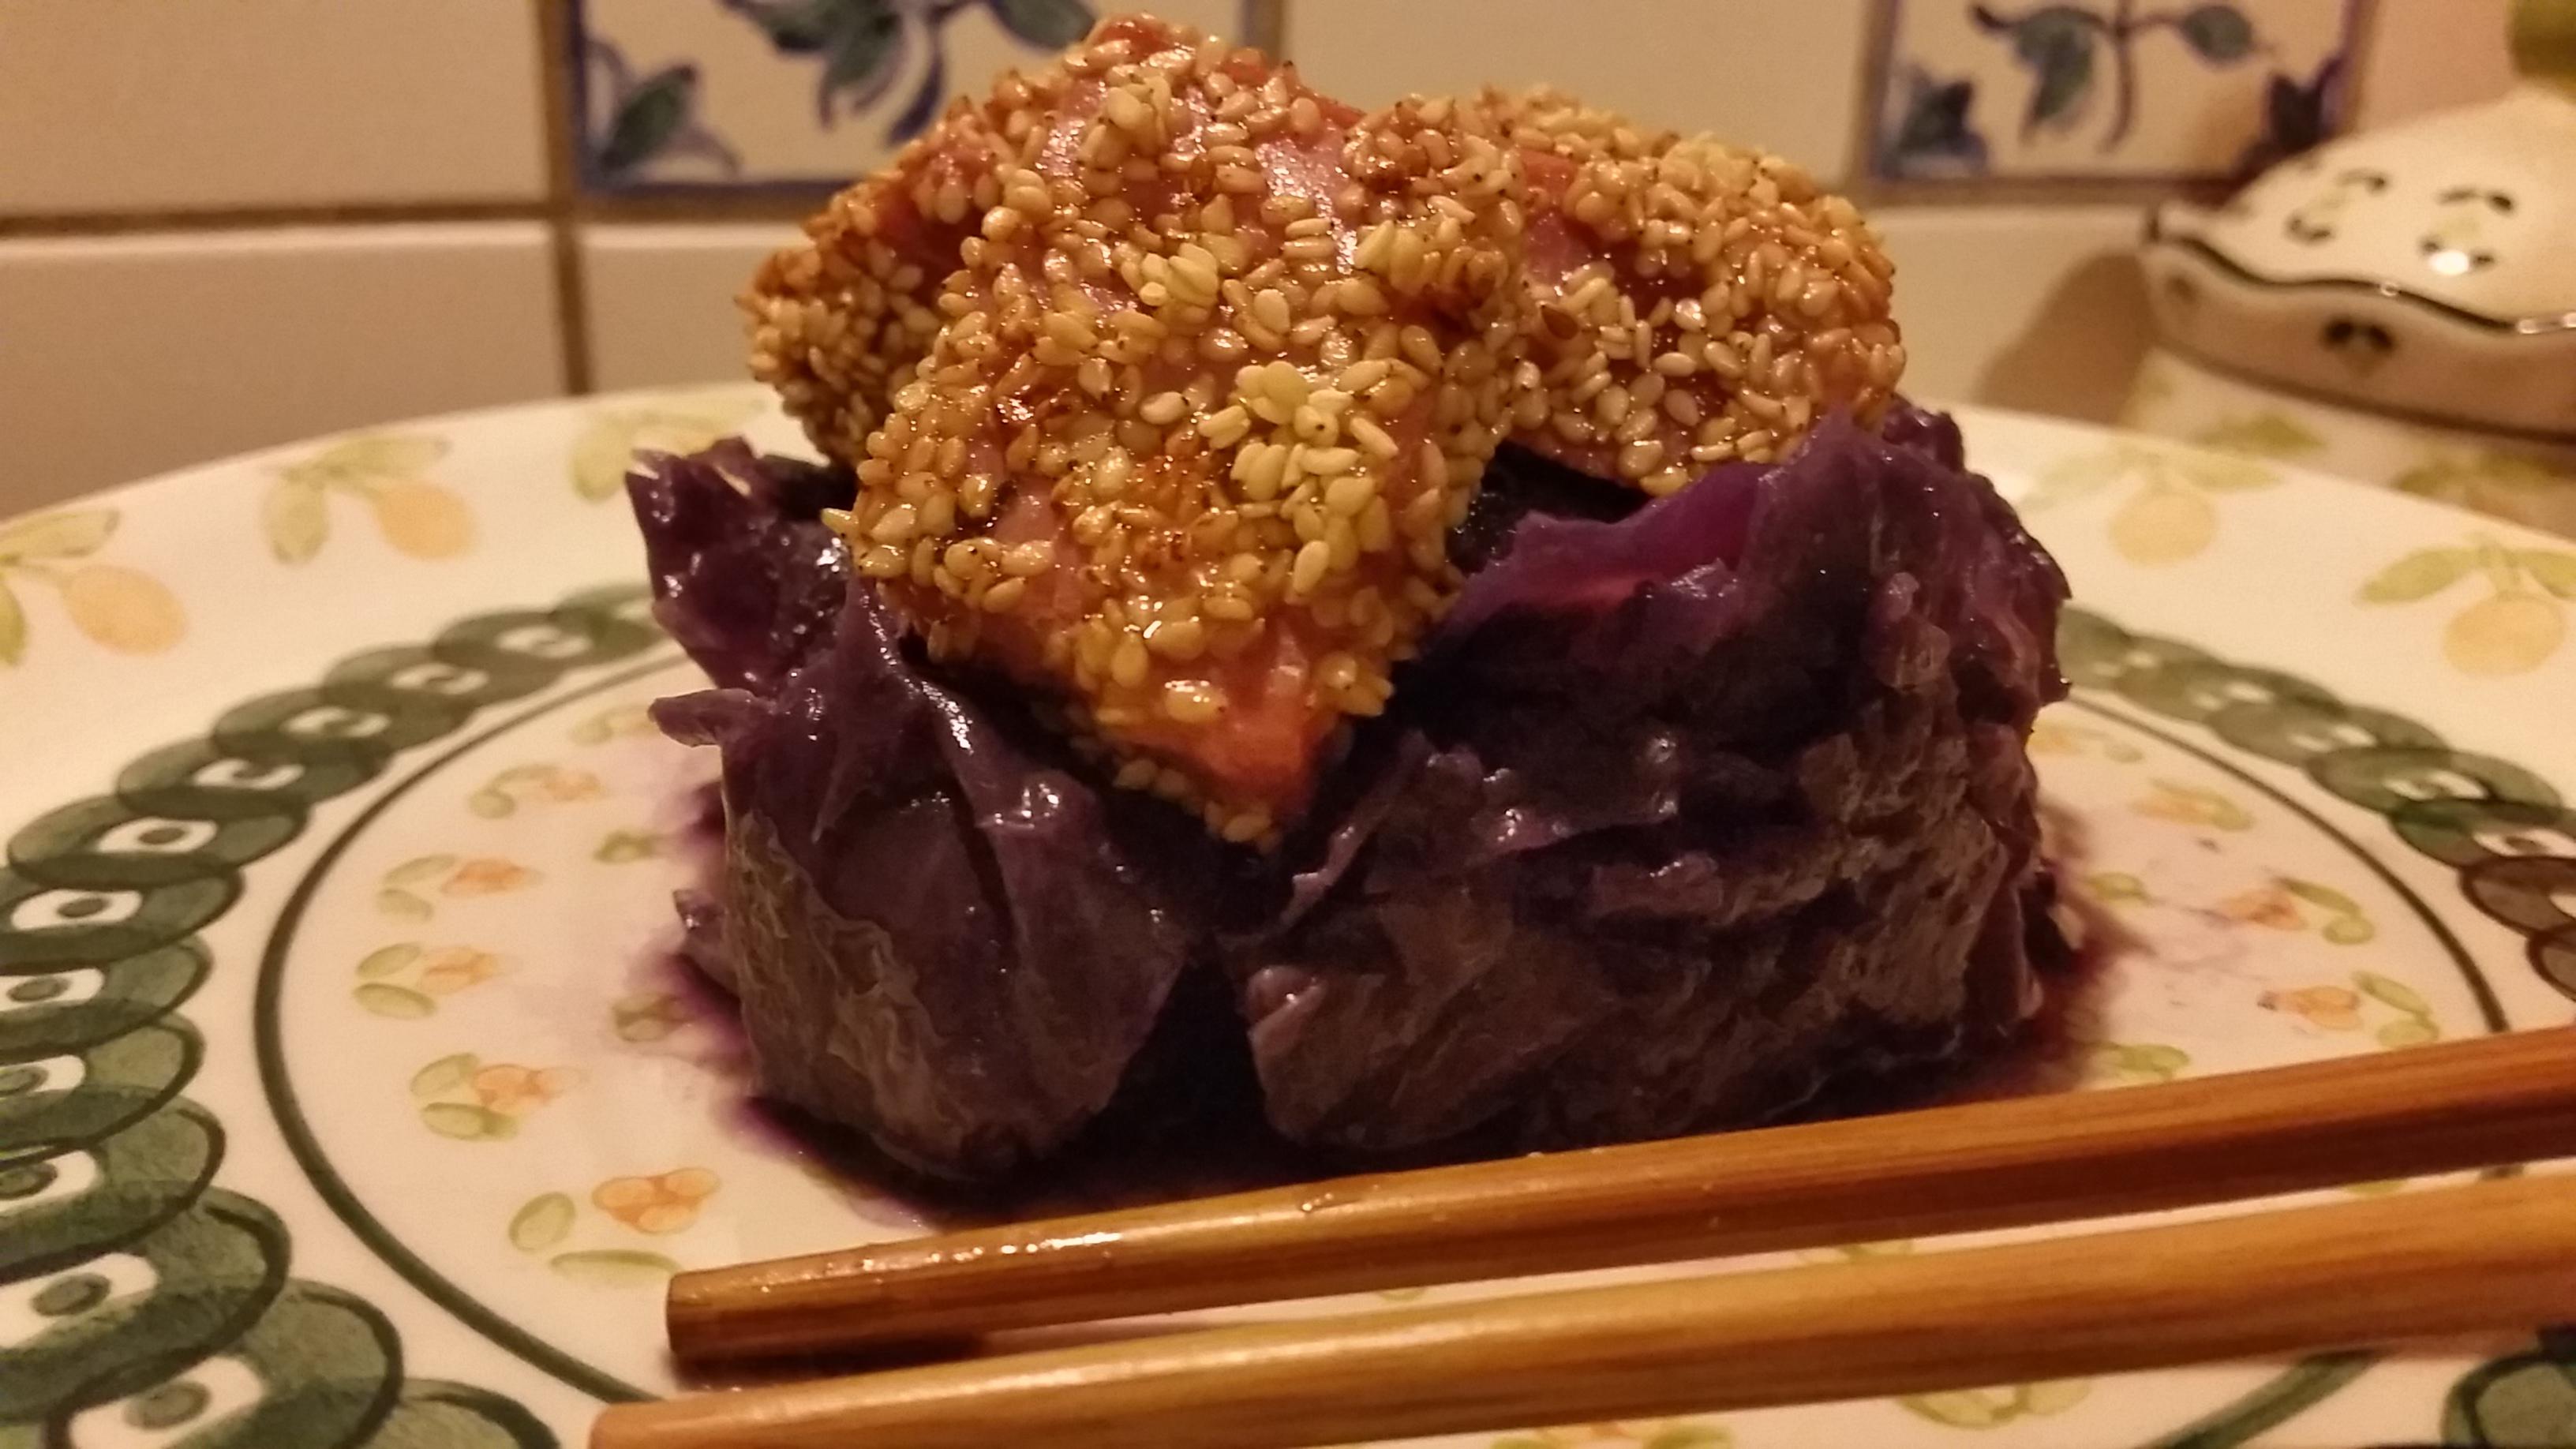 Verza viola stufata all'aglio e peperoncino, bocconcini di tonno fresco marinati con salsa di soia e semi di sesamo. Un piatto gustosissimo!